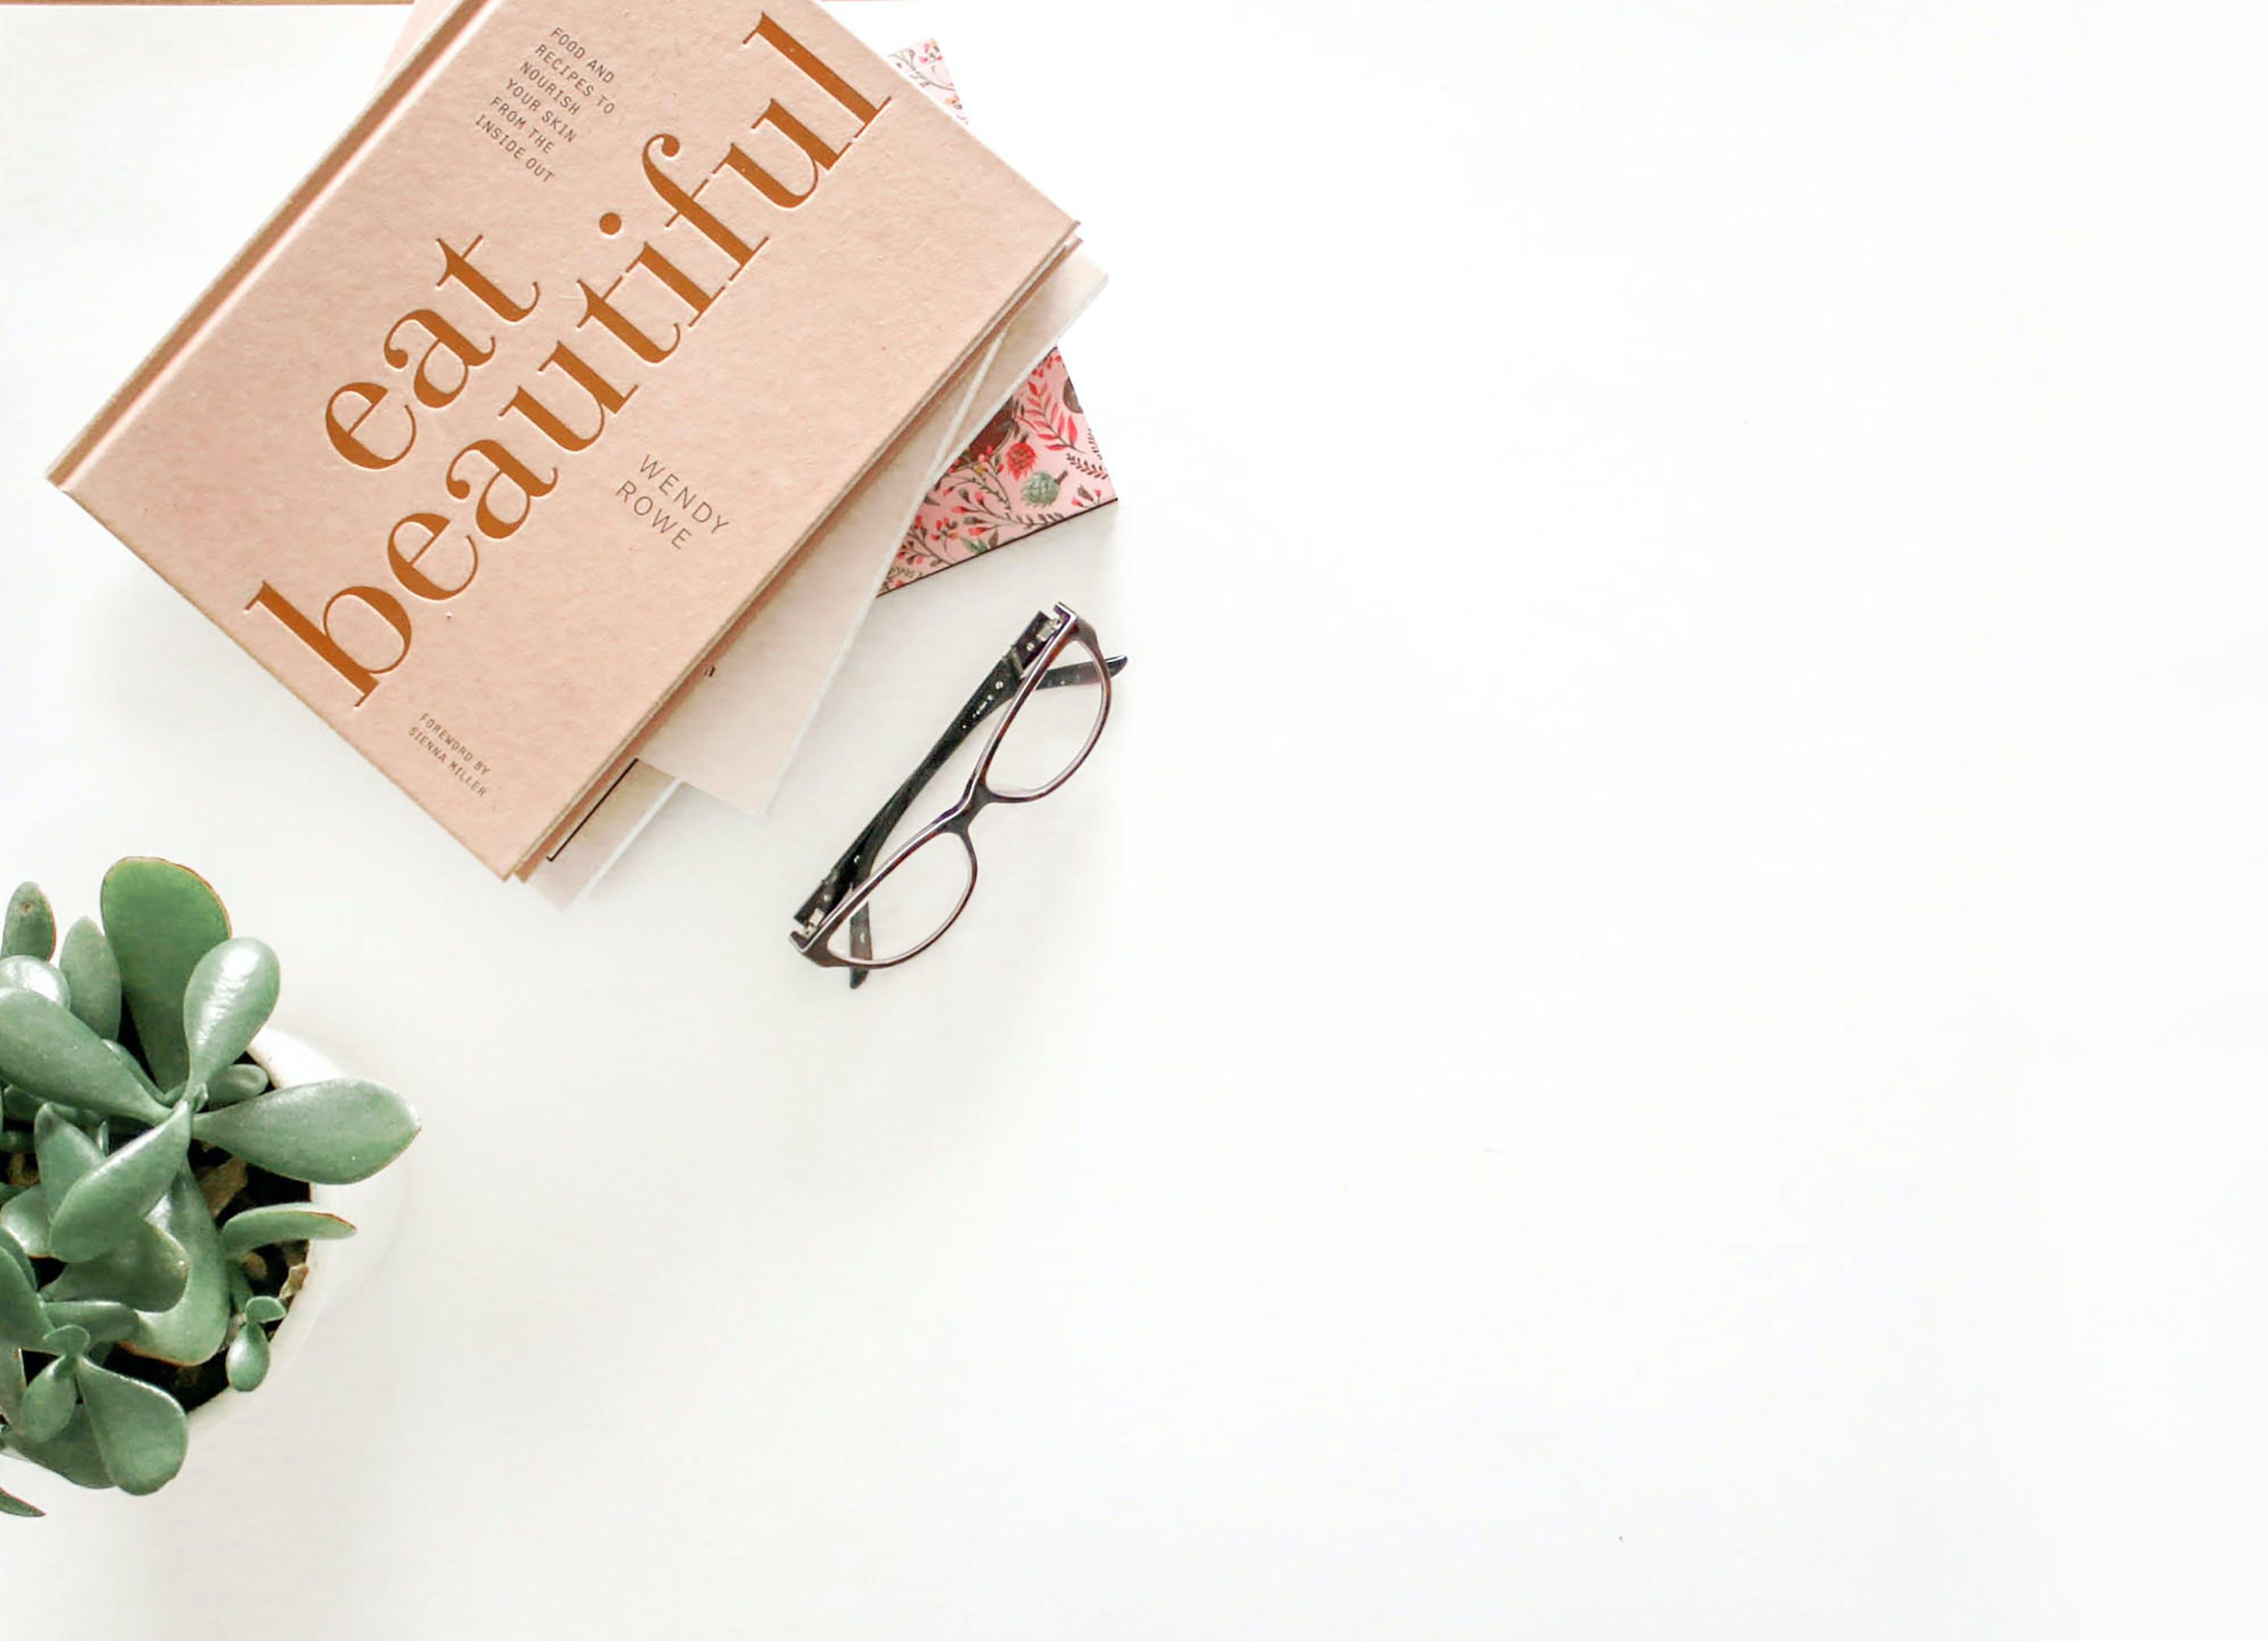 Brown Framed Eyeglasses Beside Eat Beautiful Book